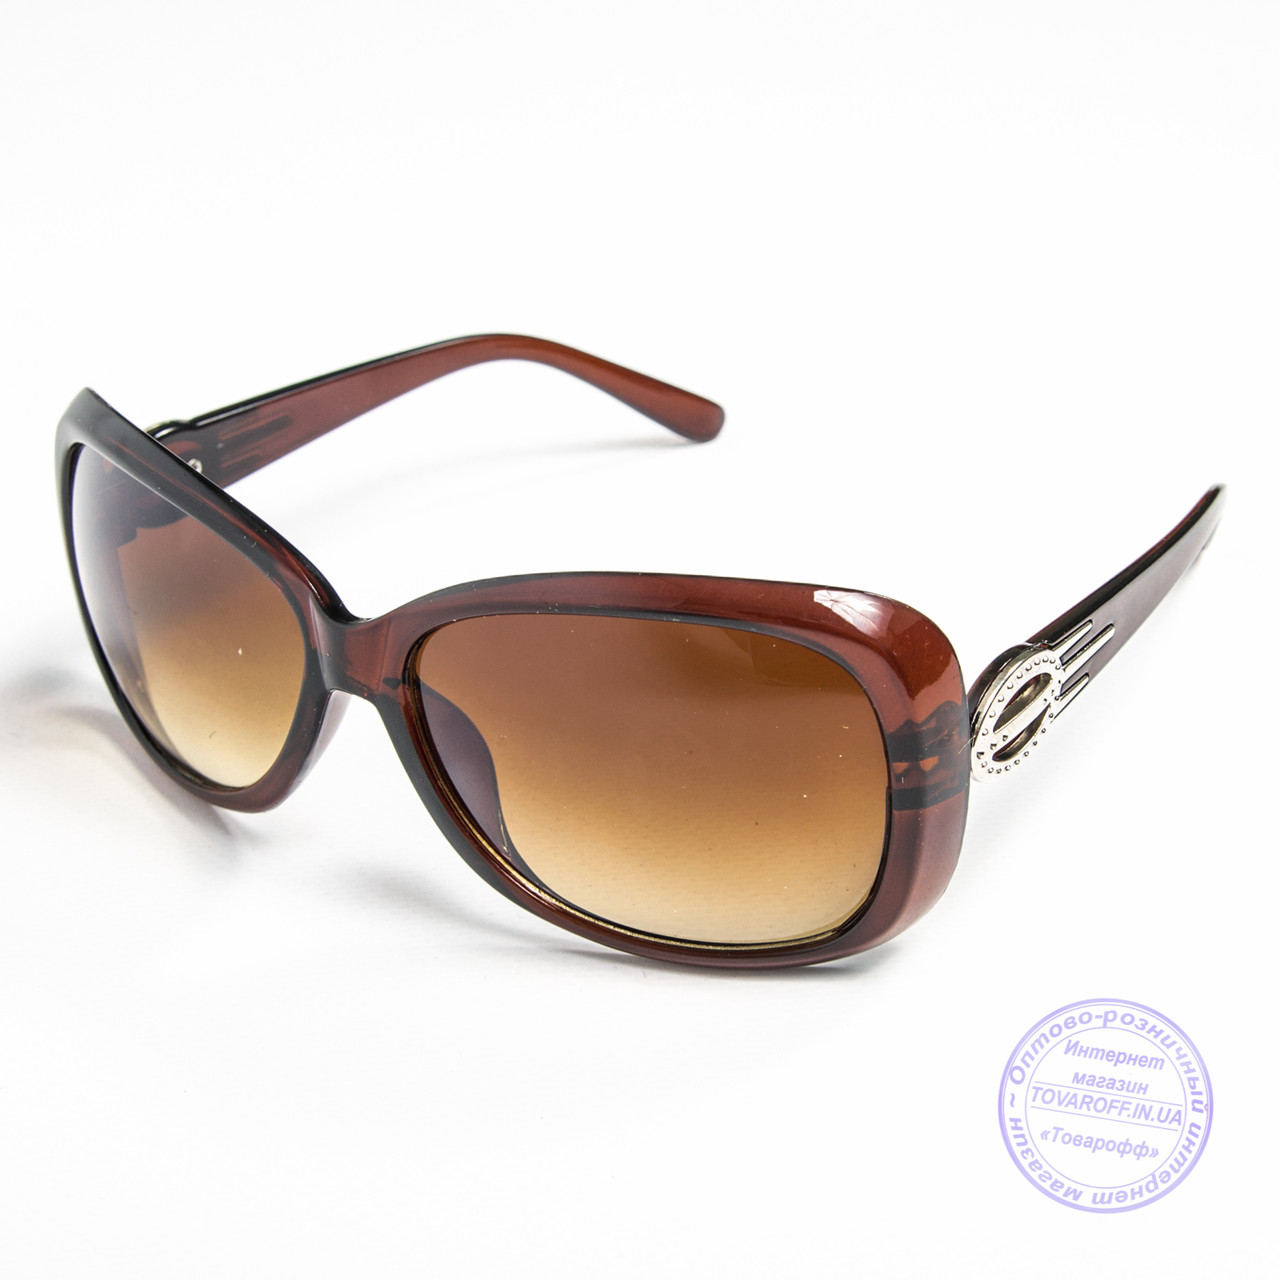 Распродажа женских солнечных очков оптом - Коричневые - 9974